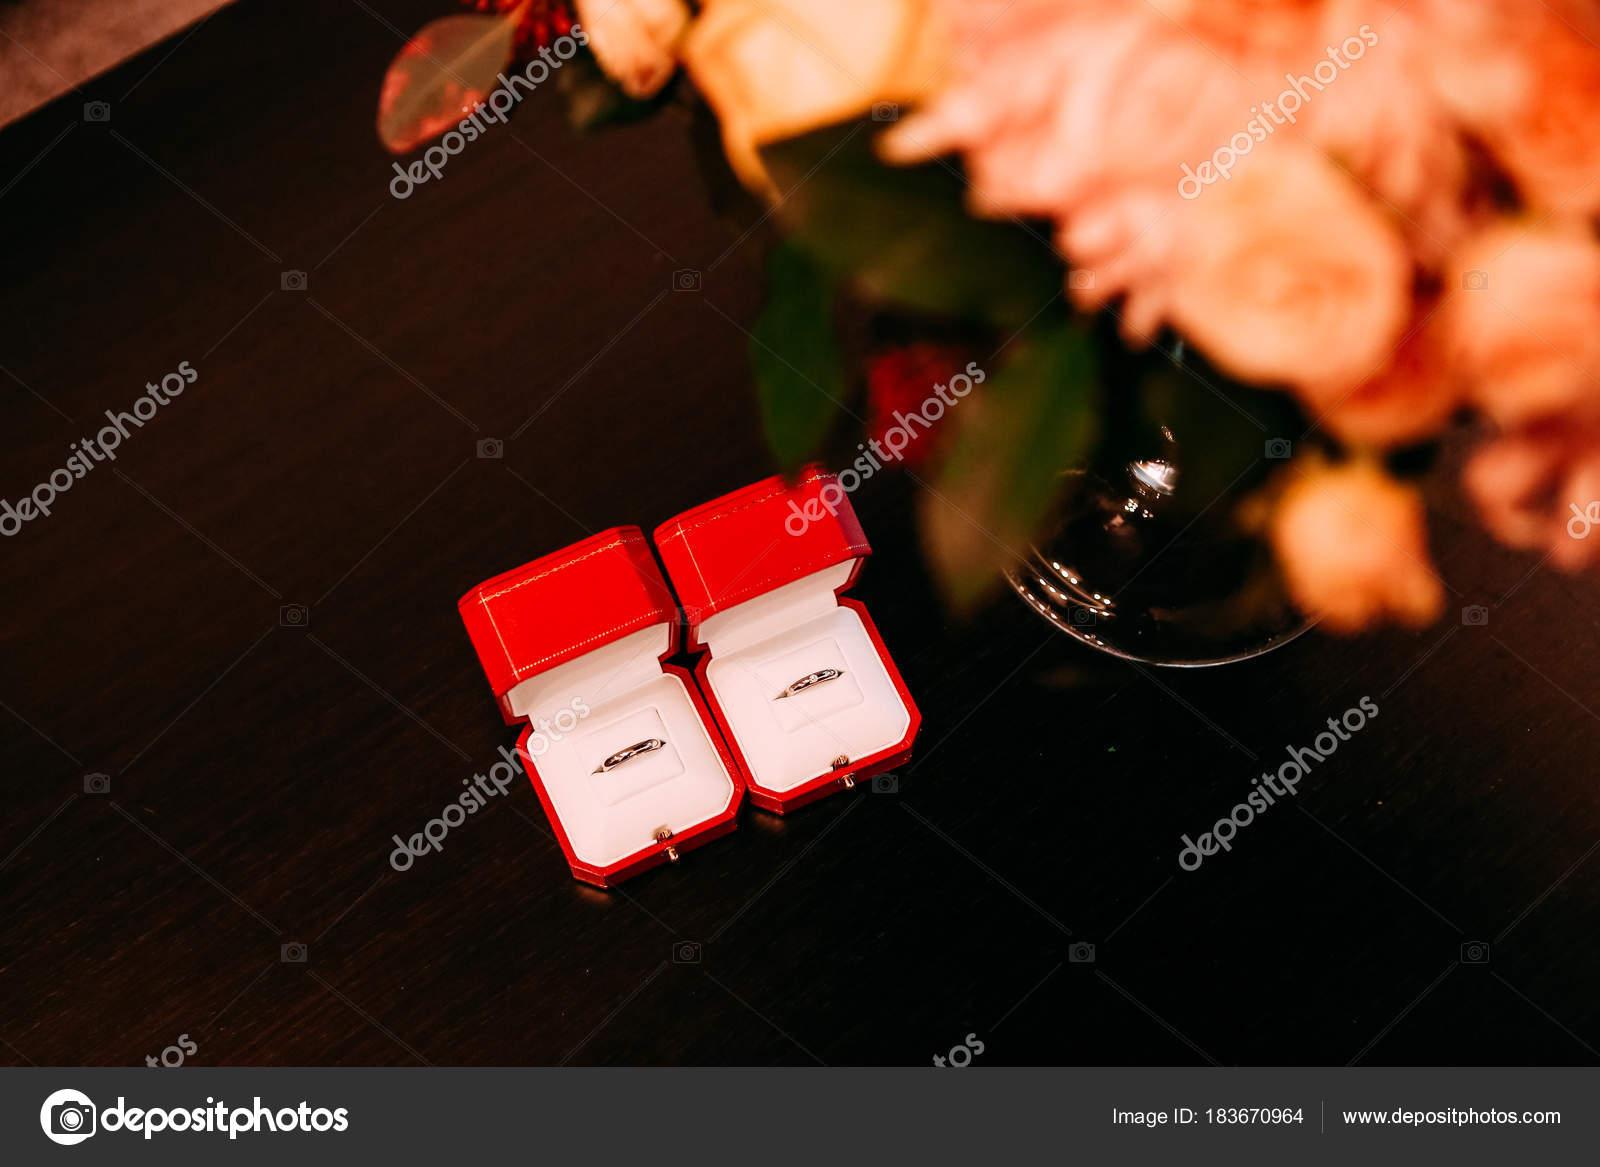 buy popular 76d99 b9915 カルティエ赤いボックス ゴールド花束の花をリングします ...